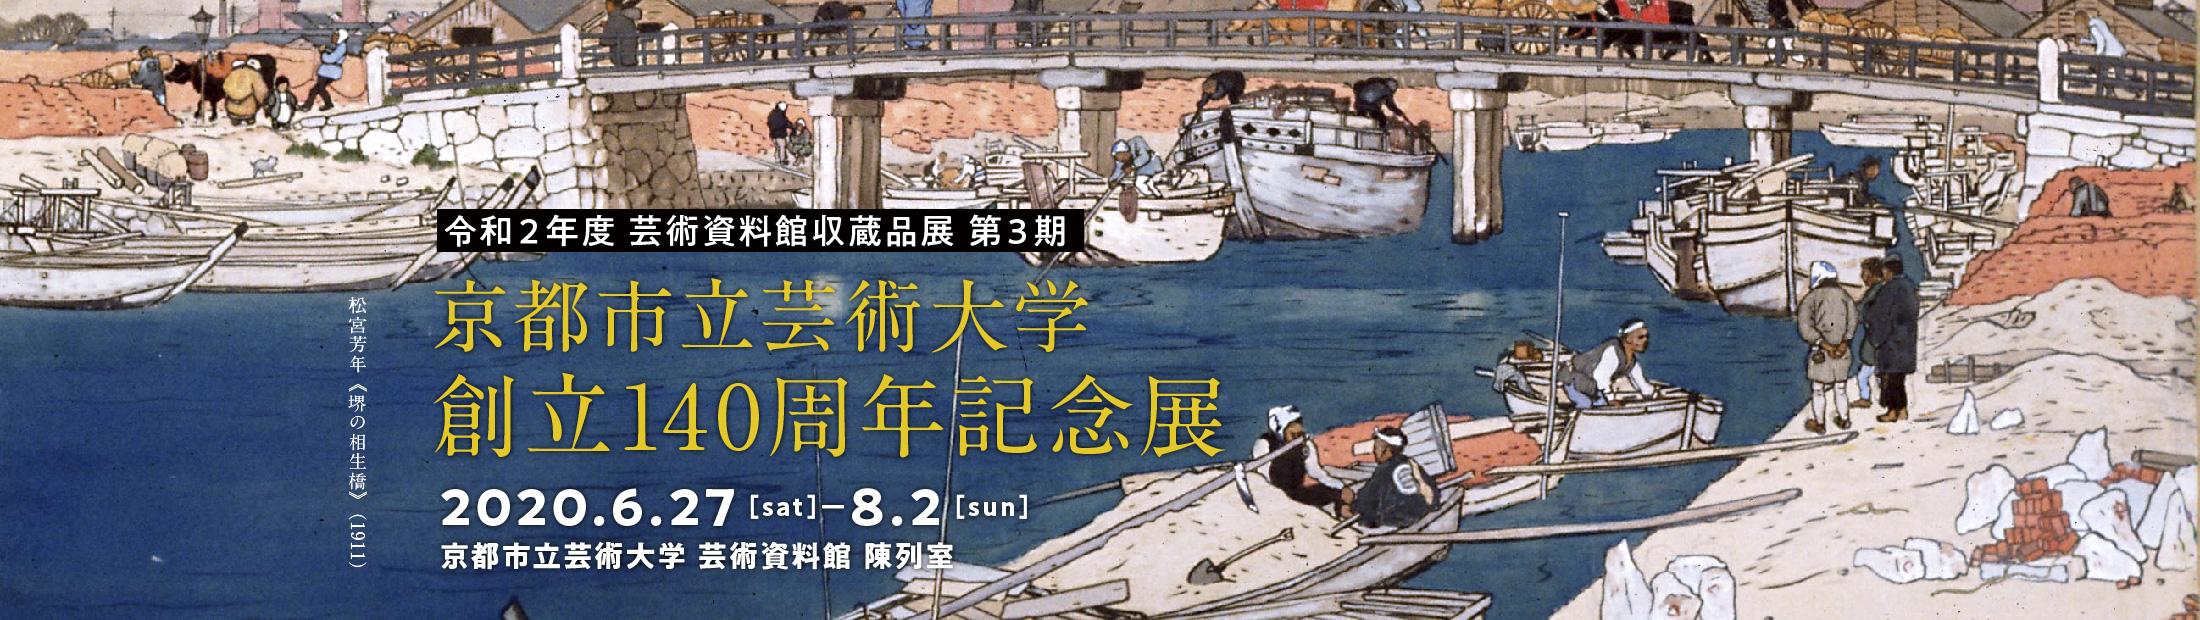 140周年記念展